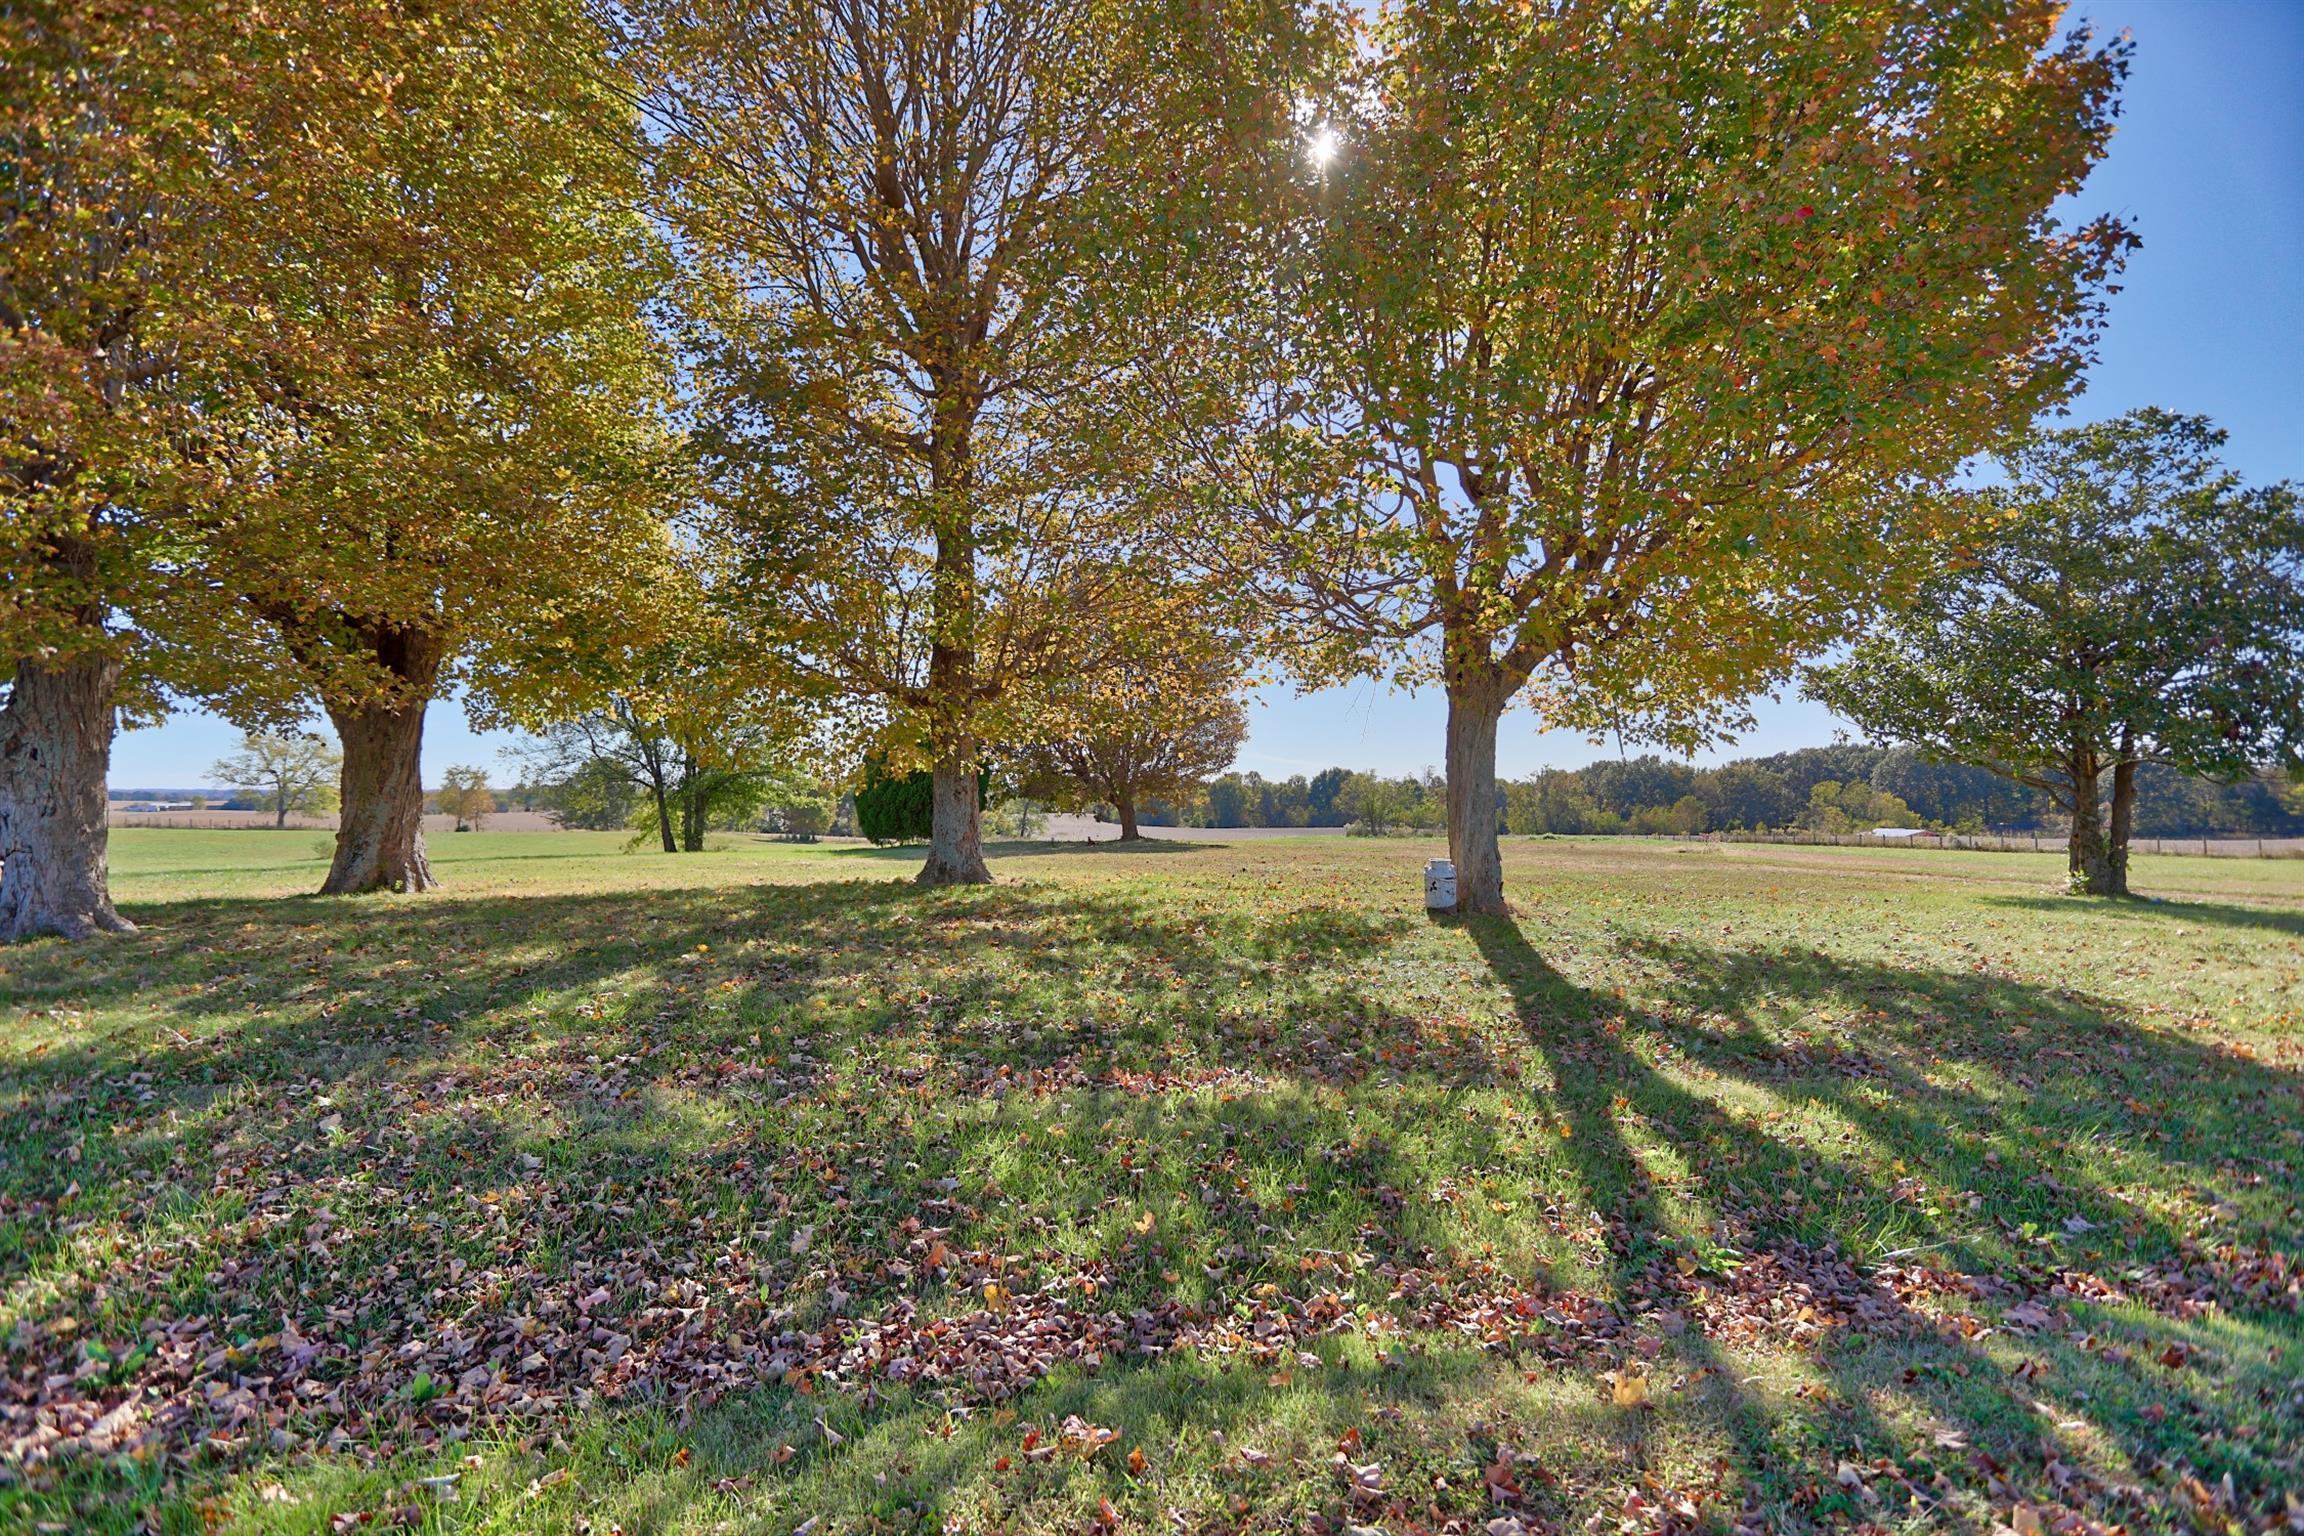 2027 Charlie Butts Rd, Franklin, KY 42134 - Franklin, KY real estate listing